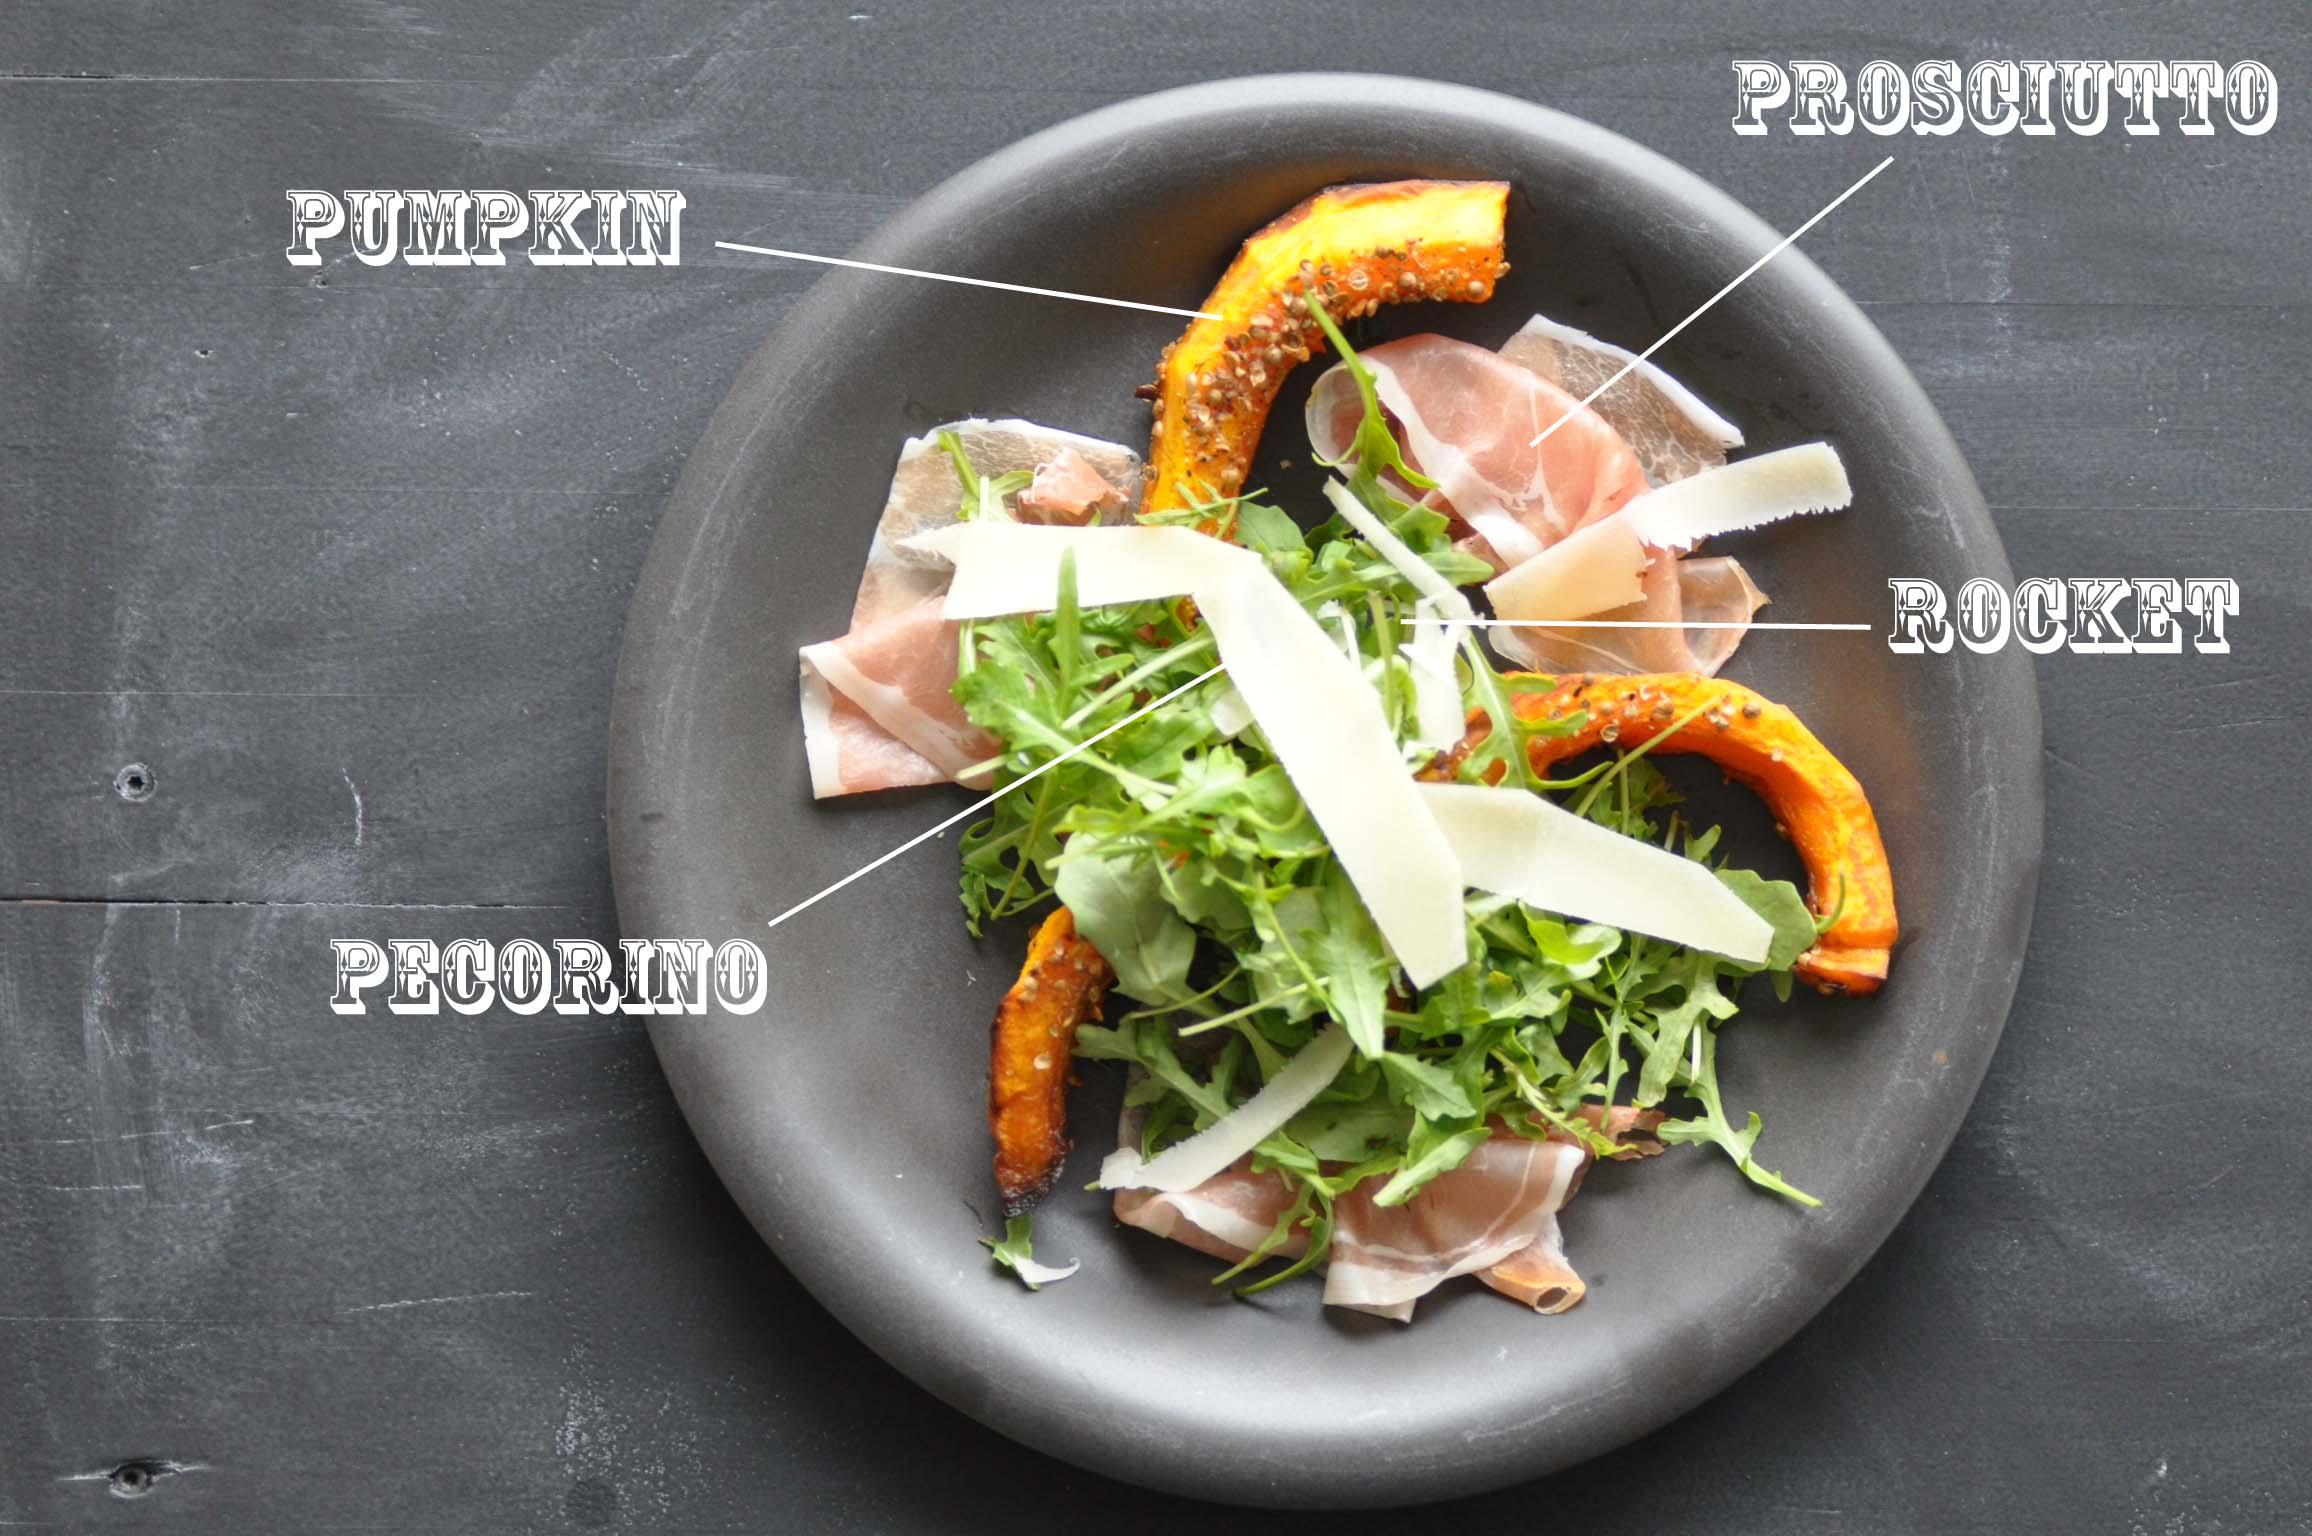 pumpkin, rocket, prosciutto, pecorino salad_bearbeitet